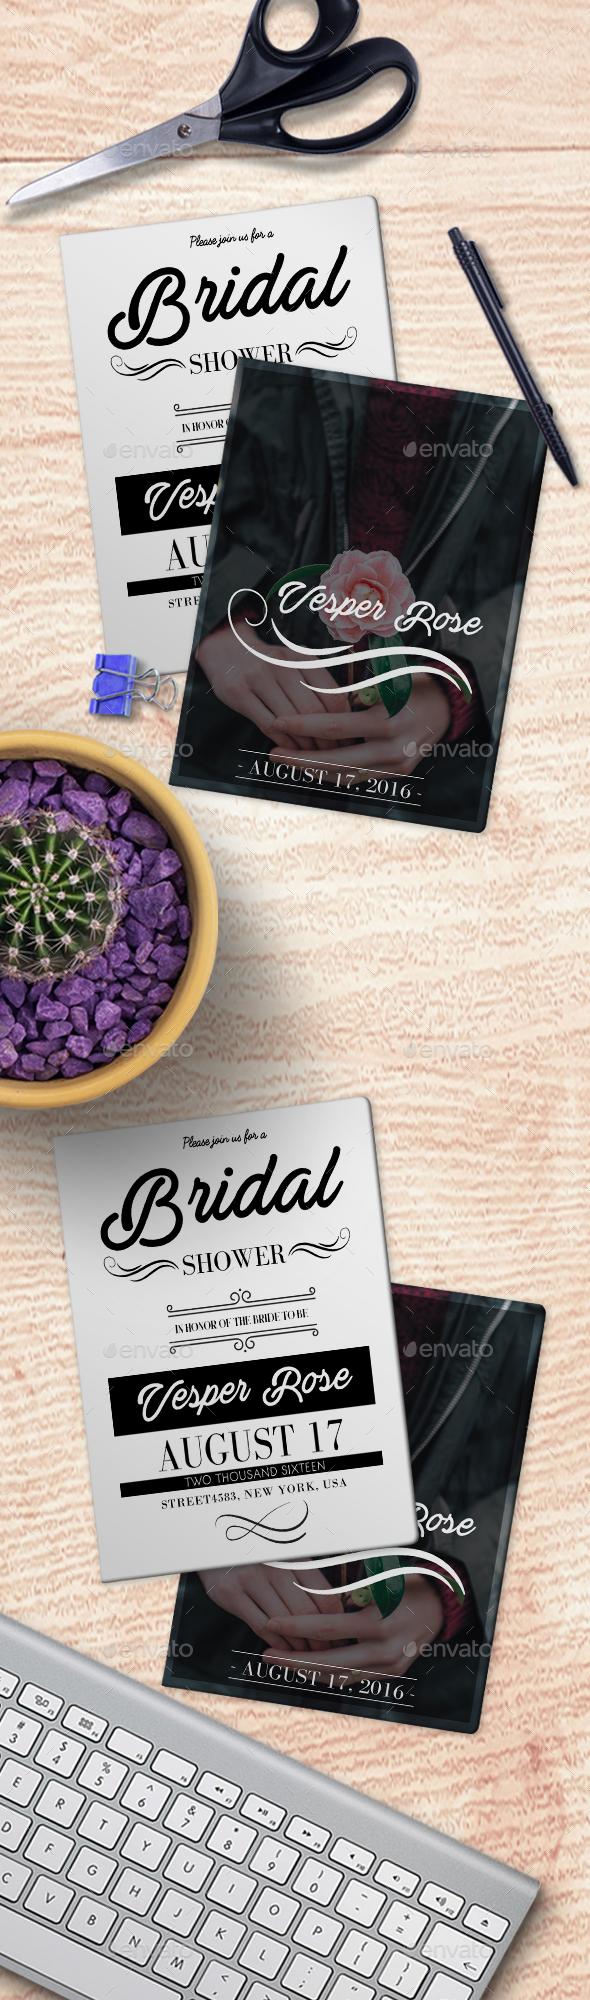 Bridal Shower 3.0